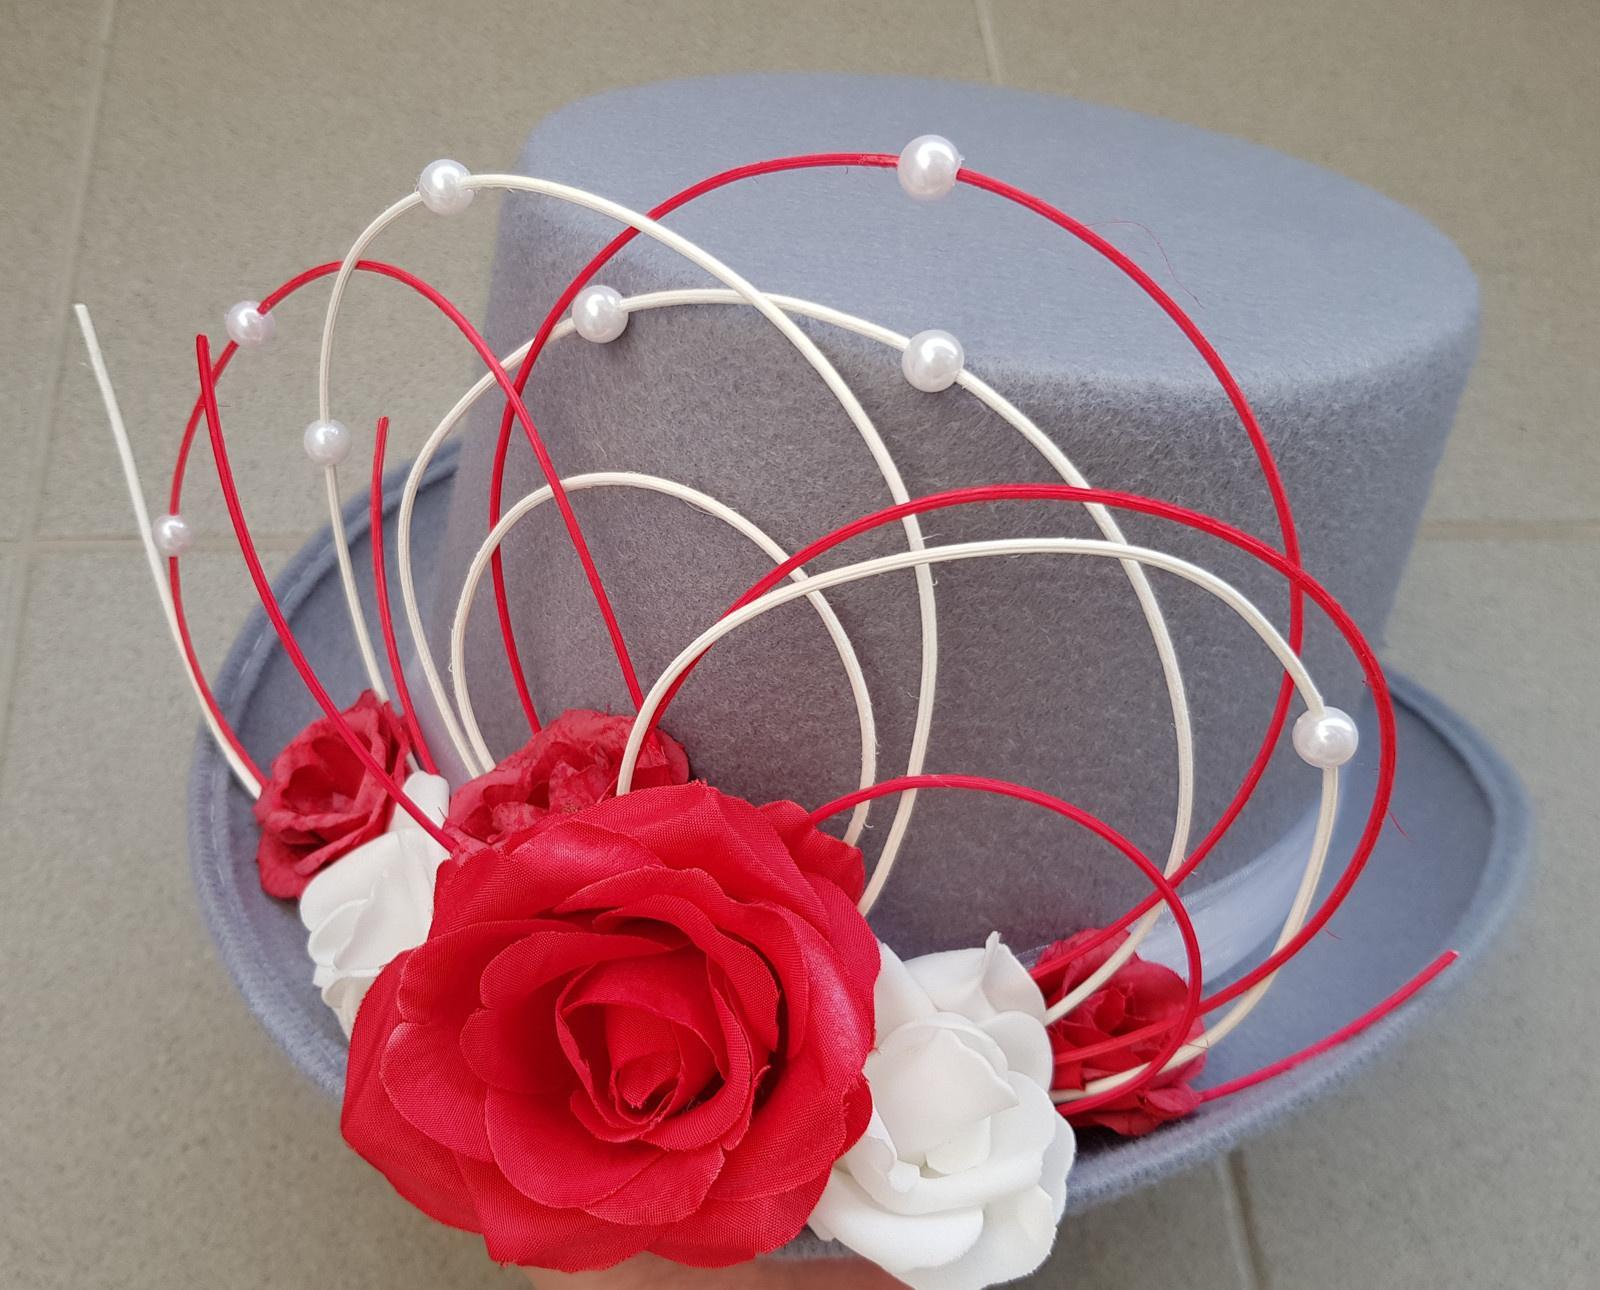 Srdce na kapotu bílá, šedá a červená - Obrázek č. 2